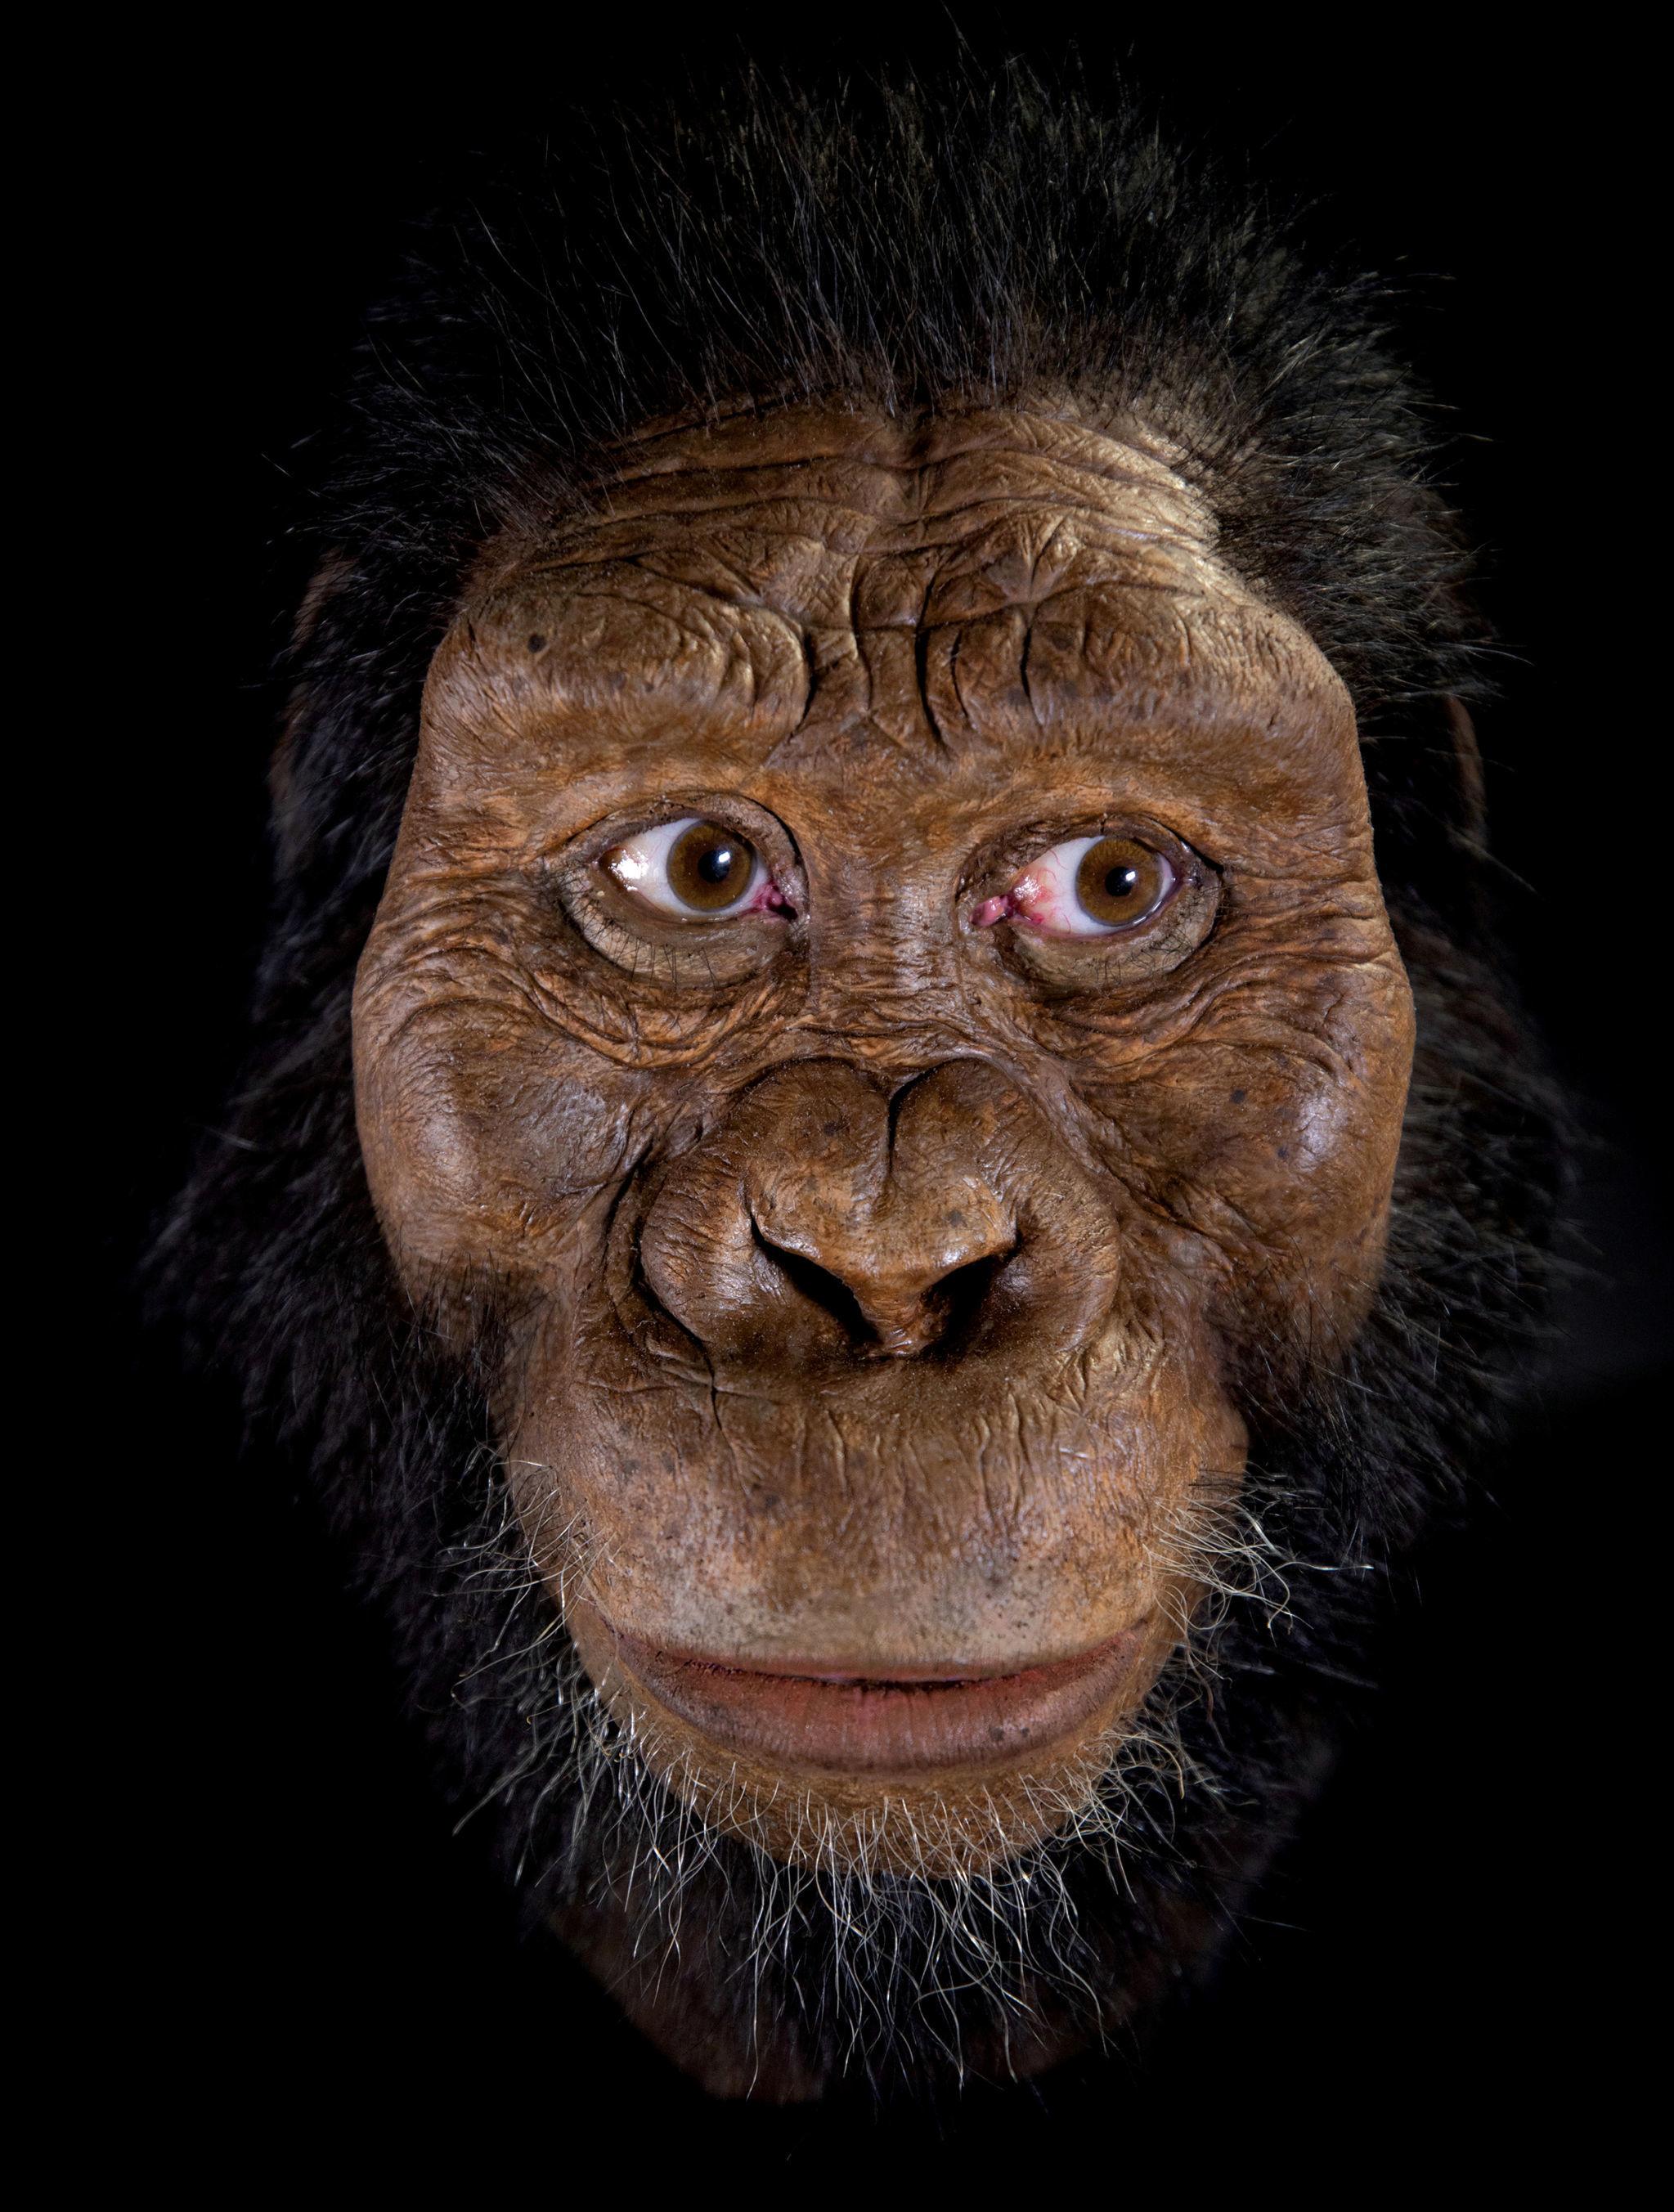 Reconstrução facial por John Gurche da espécie Australopithecus anamensis, baseada em um fóssil craniano quase completo descoberto em 2016 na Etiópia